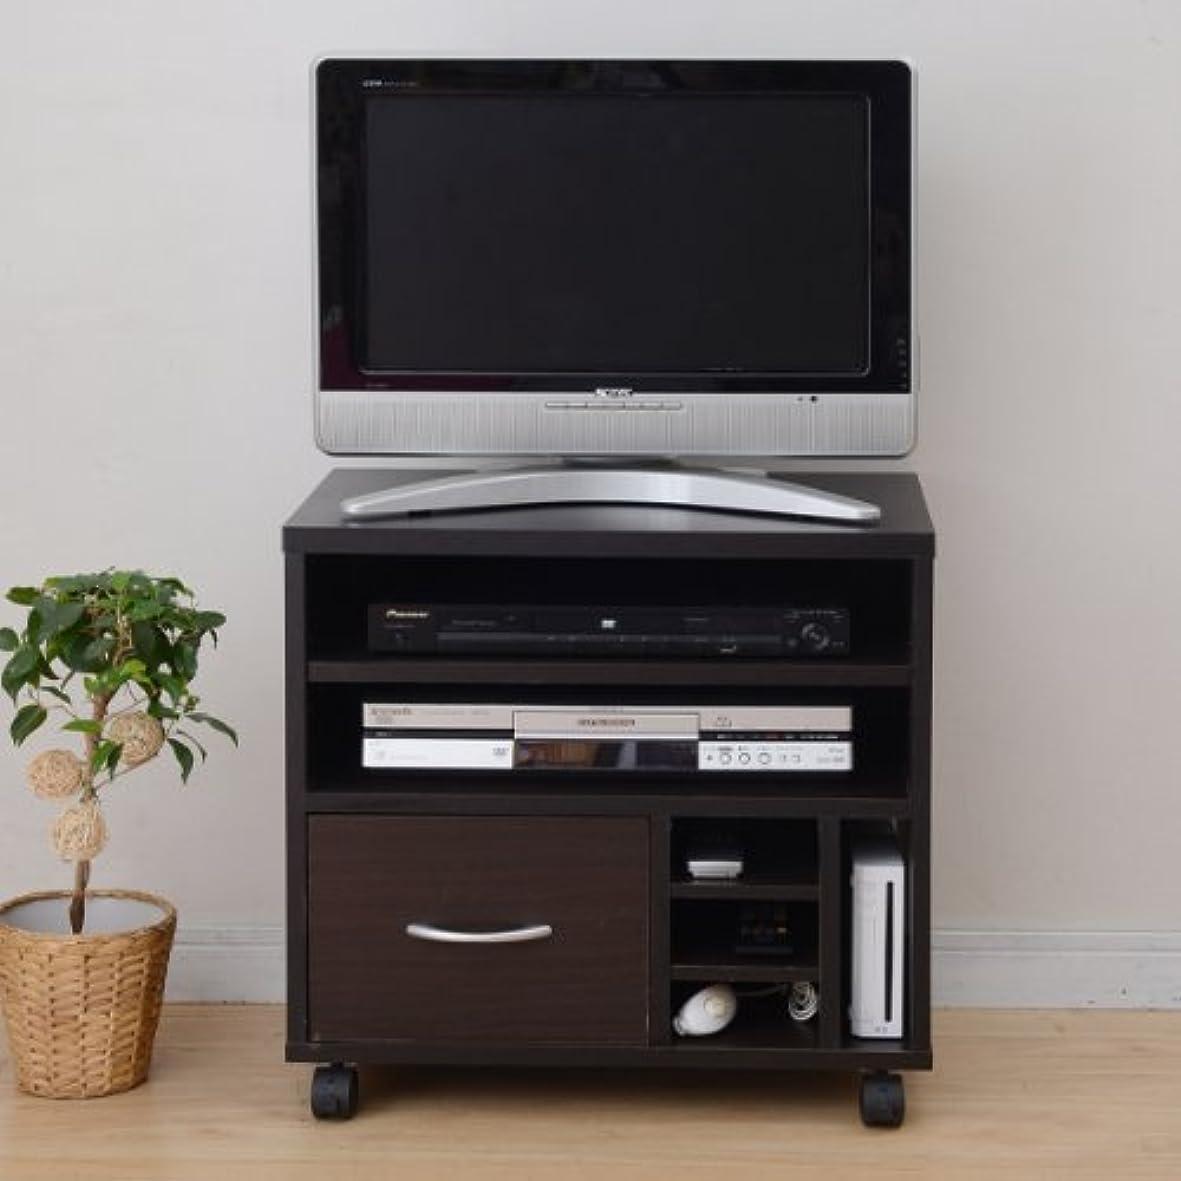 ウミウシ禁止するインシデント山善(YAMAZEN) まとめて収納できる小型テレビ台 FGTV-600C(DBR)